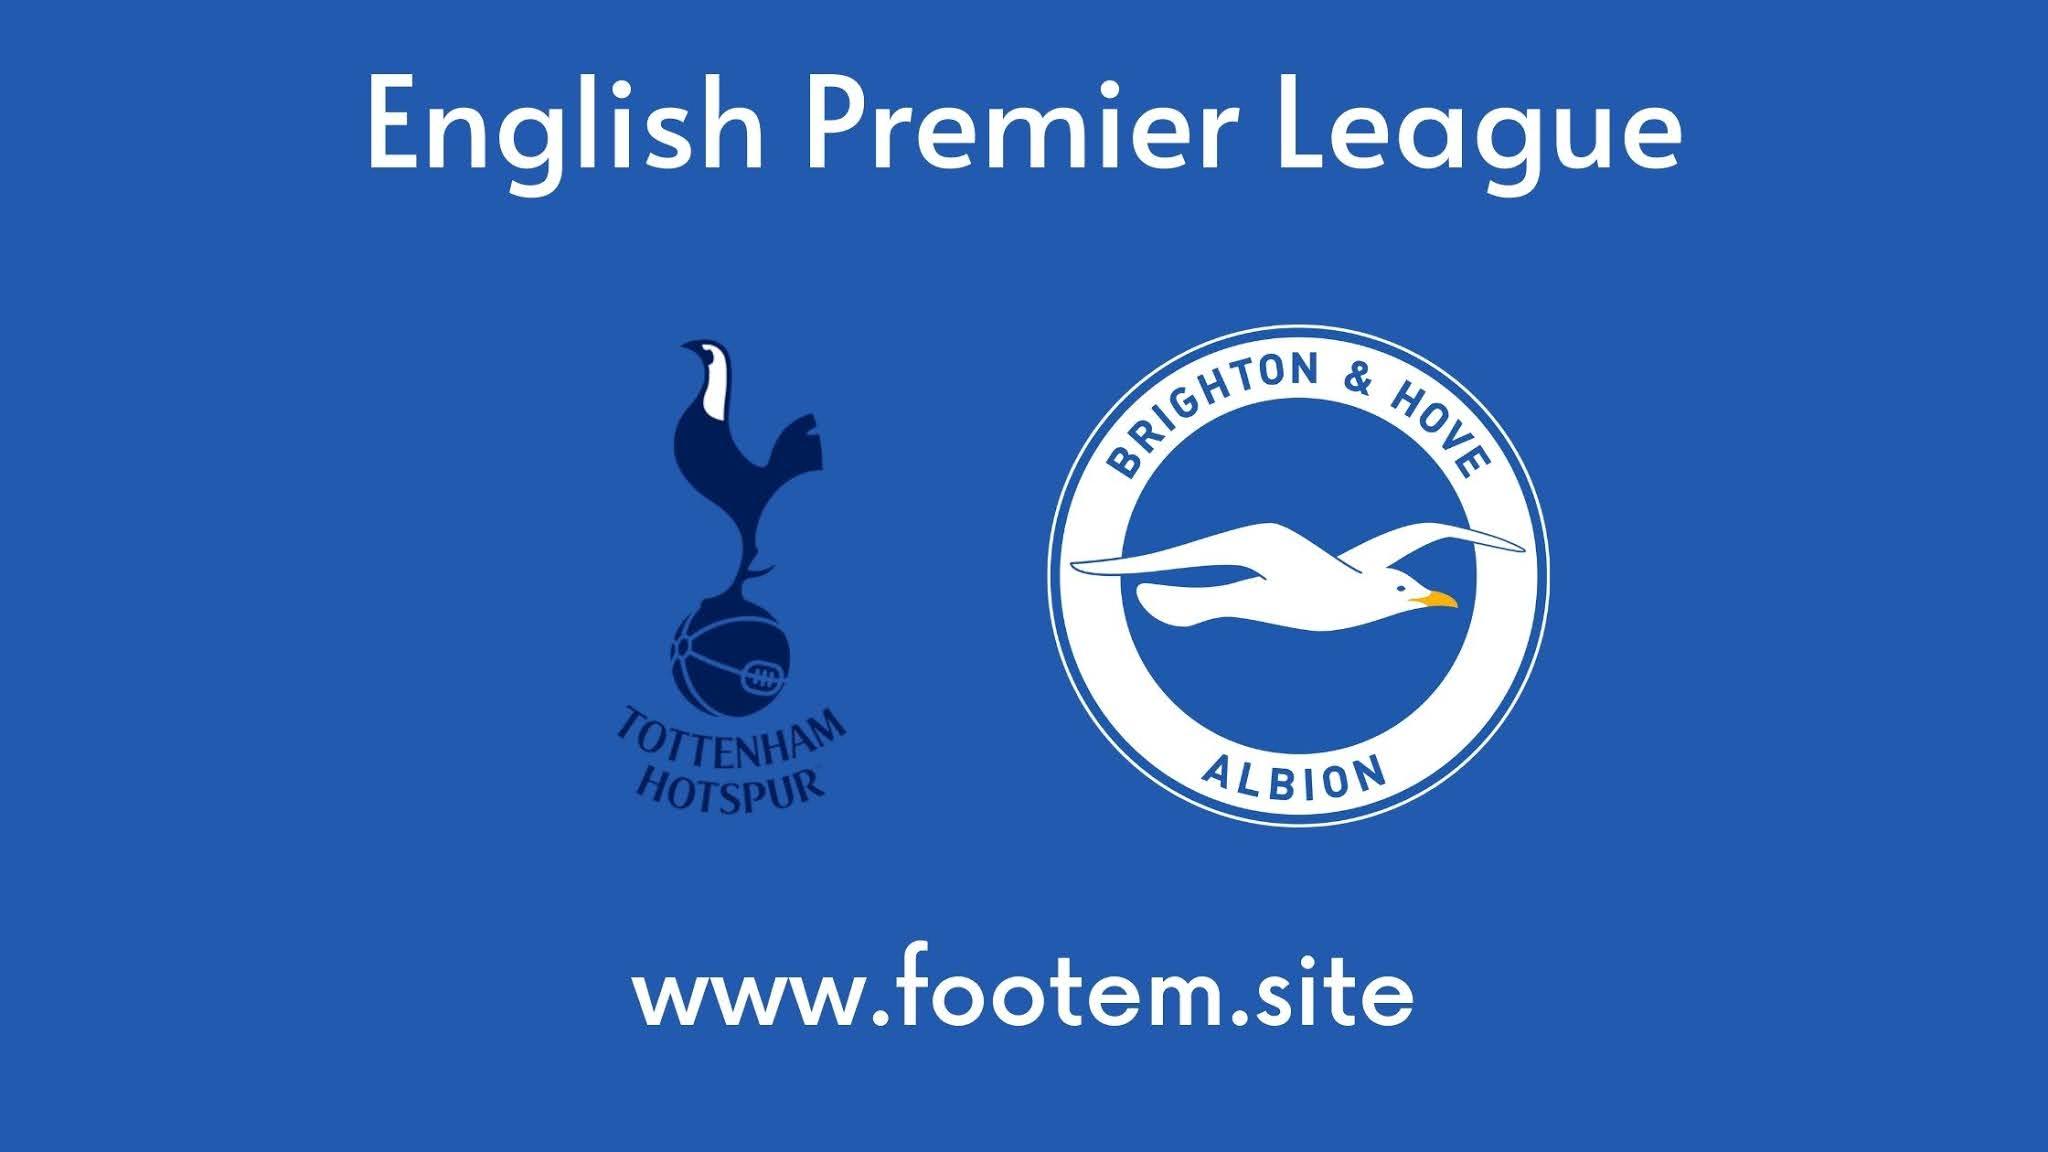 Brighton vs Tottenham footem. site live